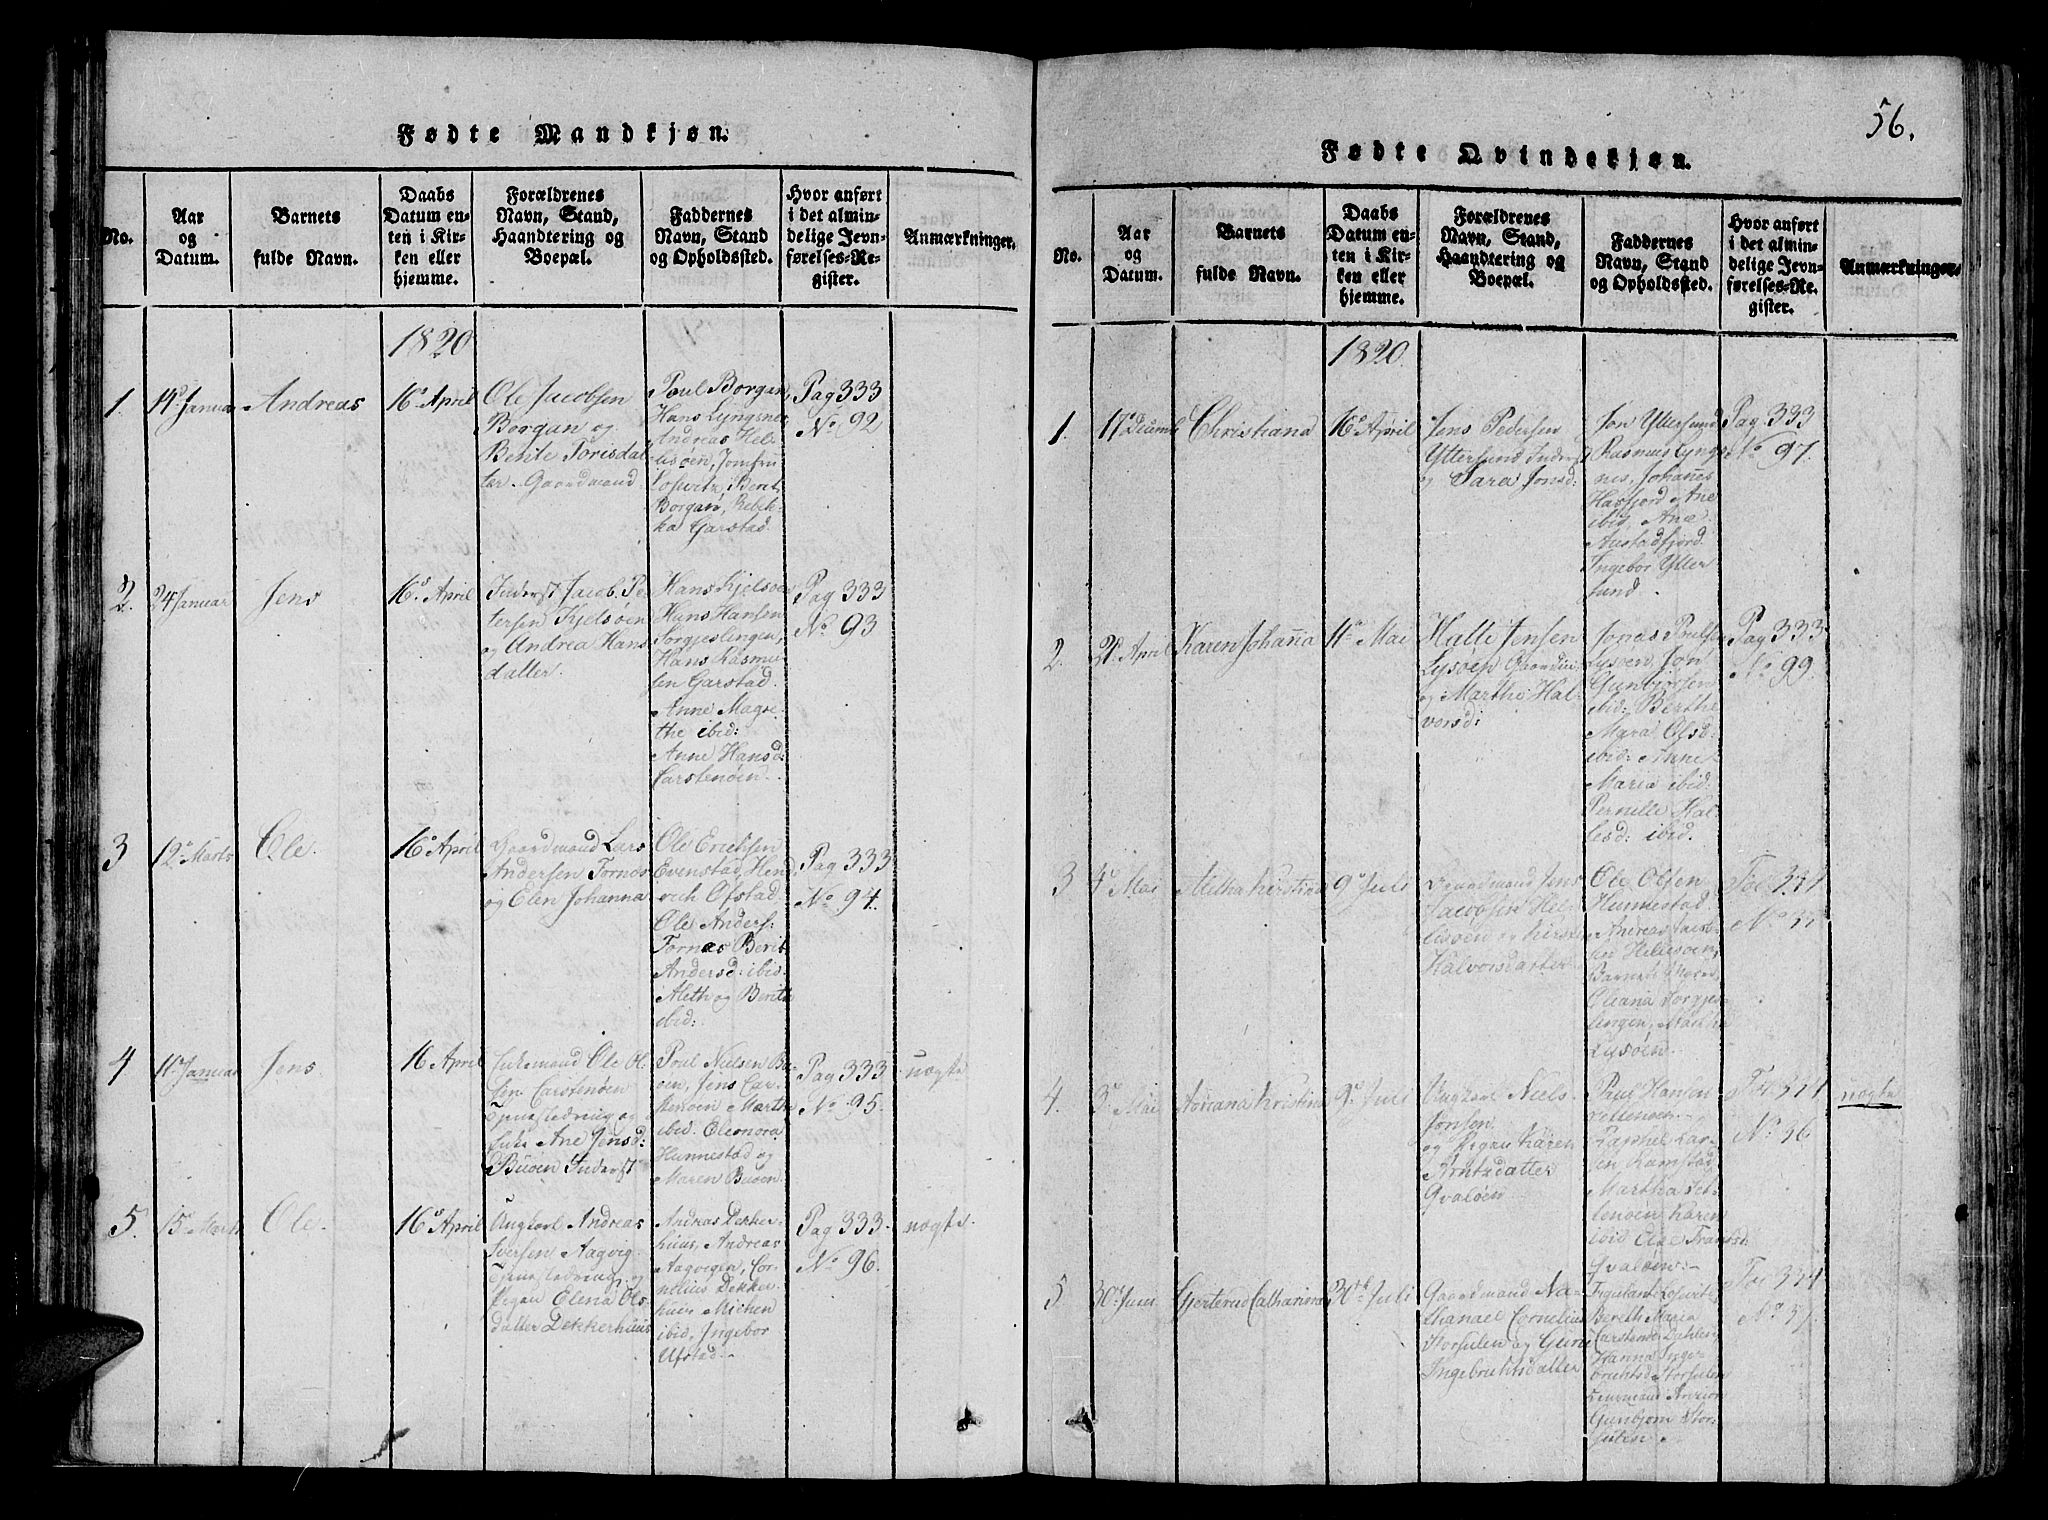 SAT, Ministerialprotokoller, klokkerbøker og fødselsregistre - Nord-Trøndelag, 784/L0667: Ministerialbok nr. 784A03 /2, 1818-1829, s. 56